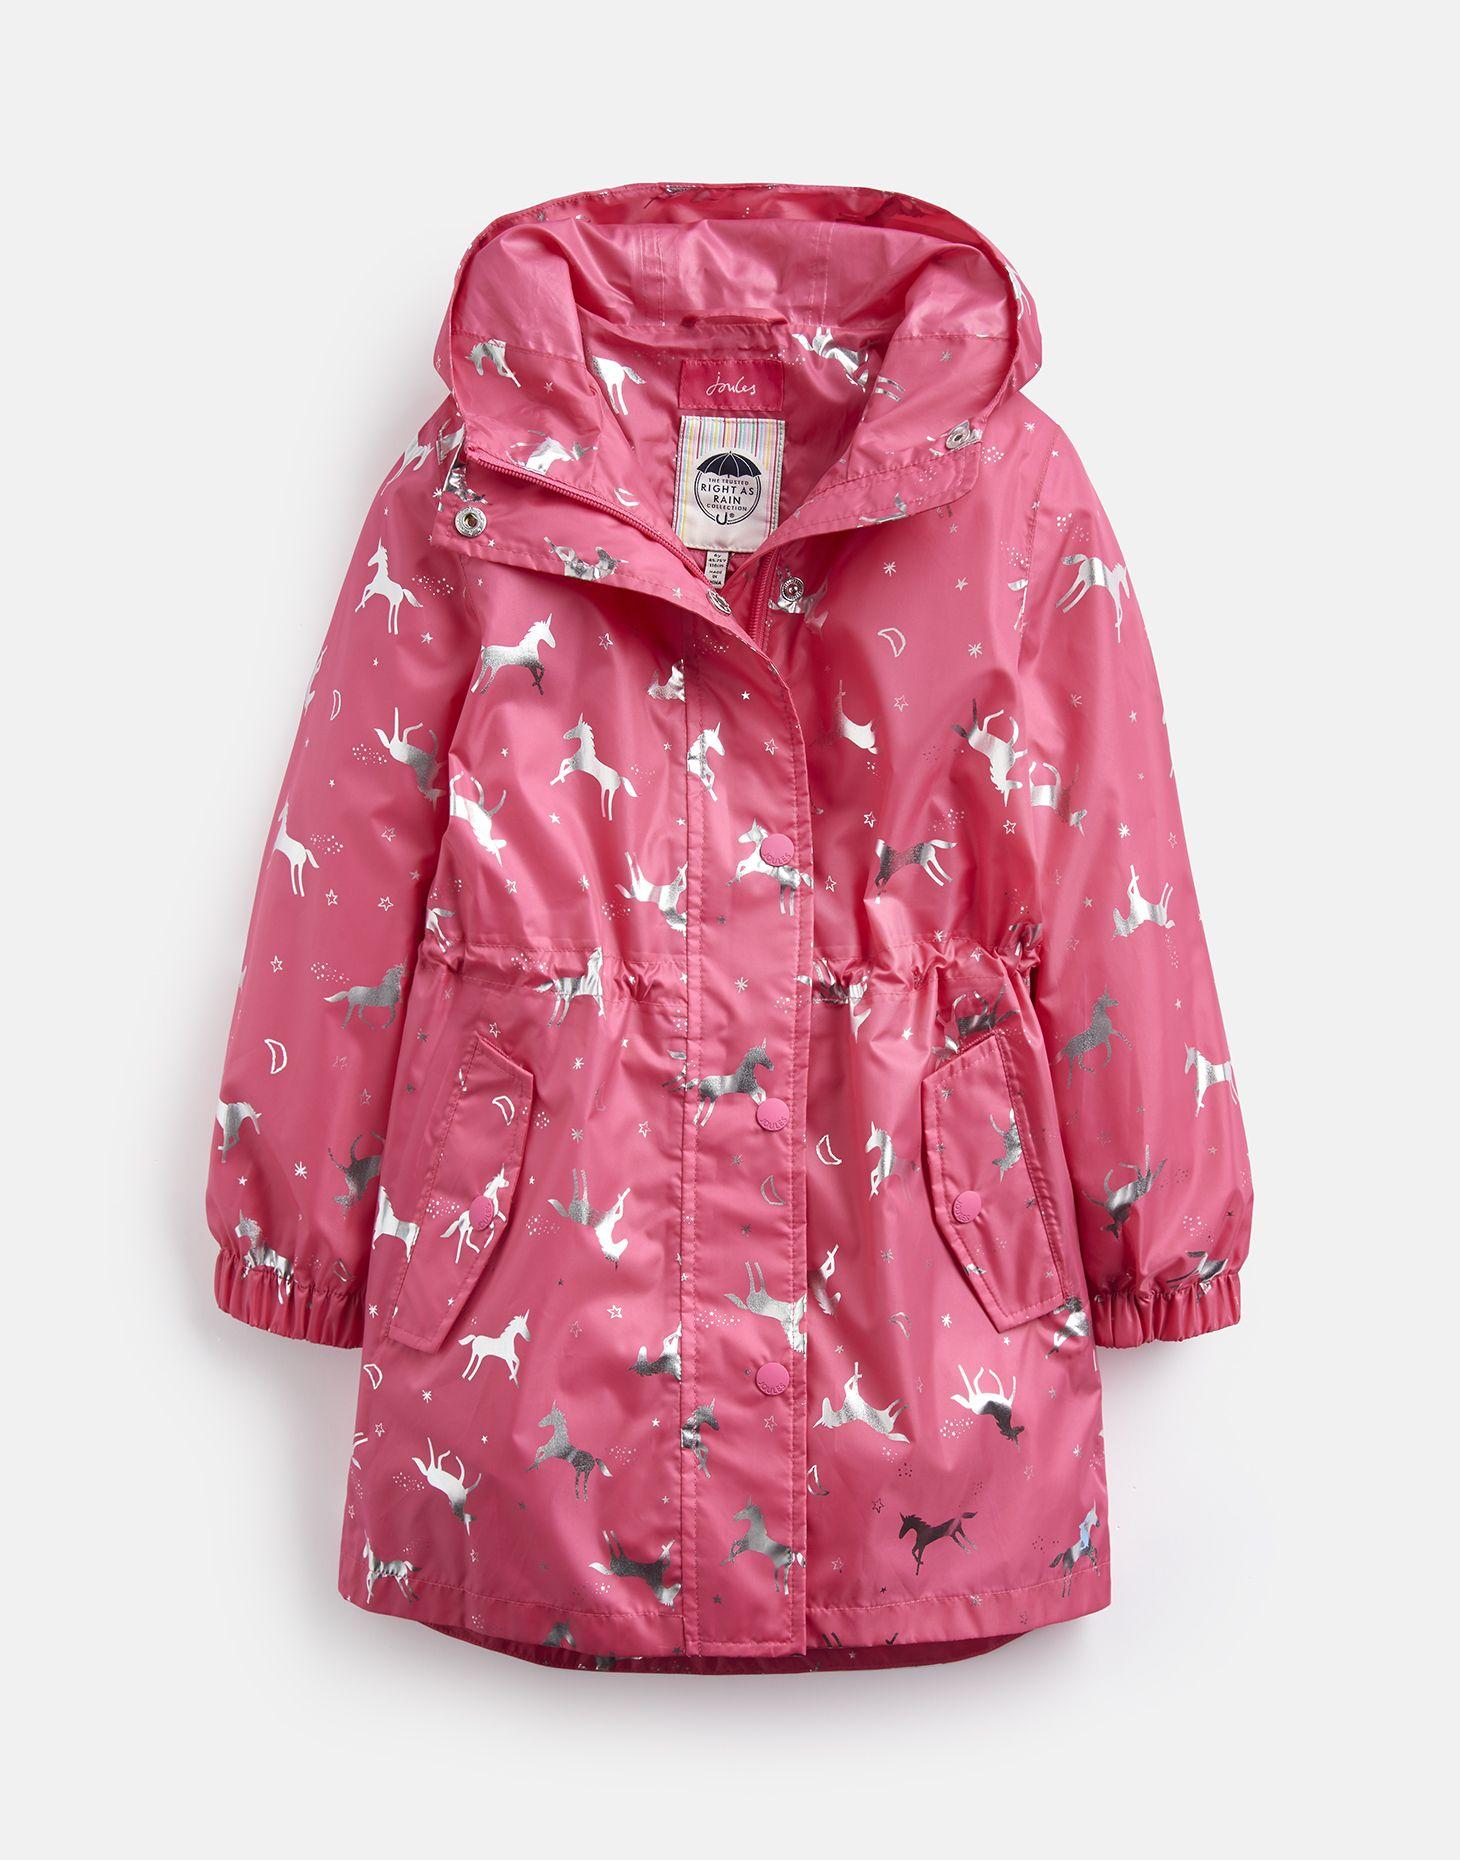 Joules Girls ODR Golightly Light Waterproof Parka Coat